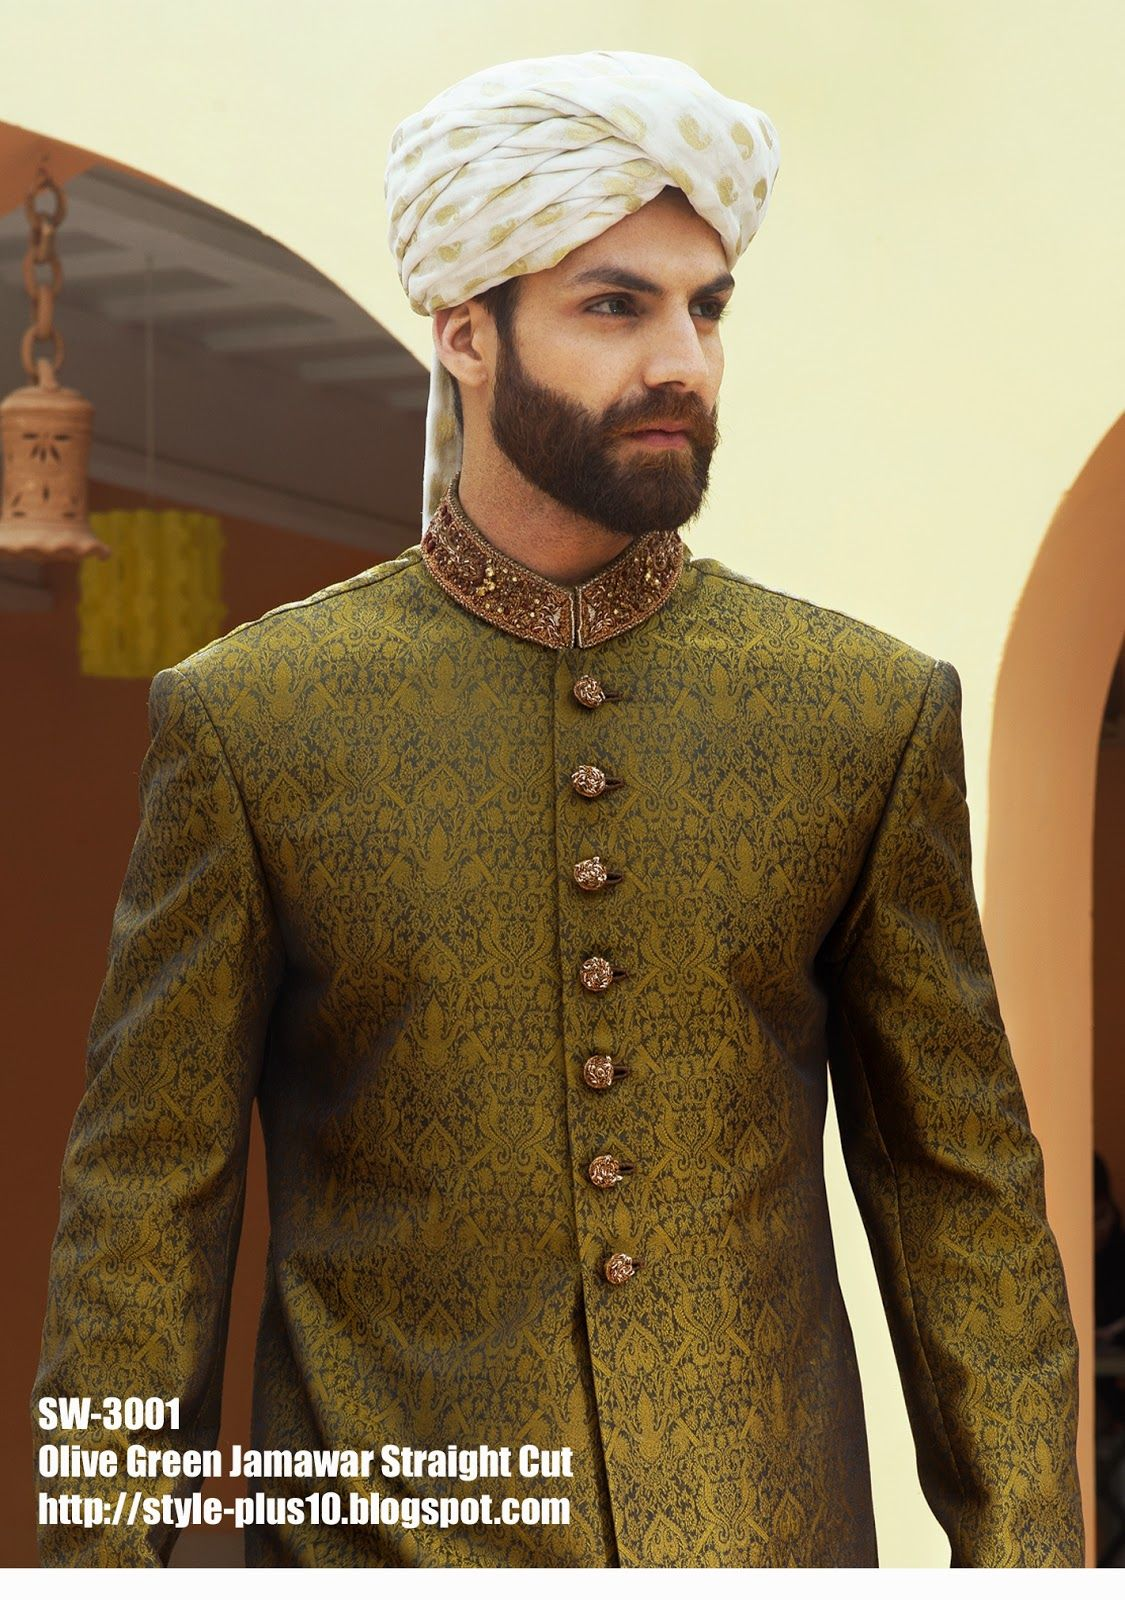 Olive Green Jamawar Straight Cut Sherwani by Amir Adnan